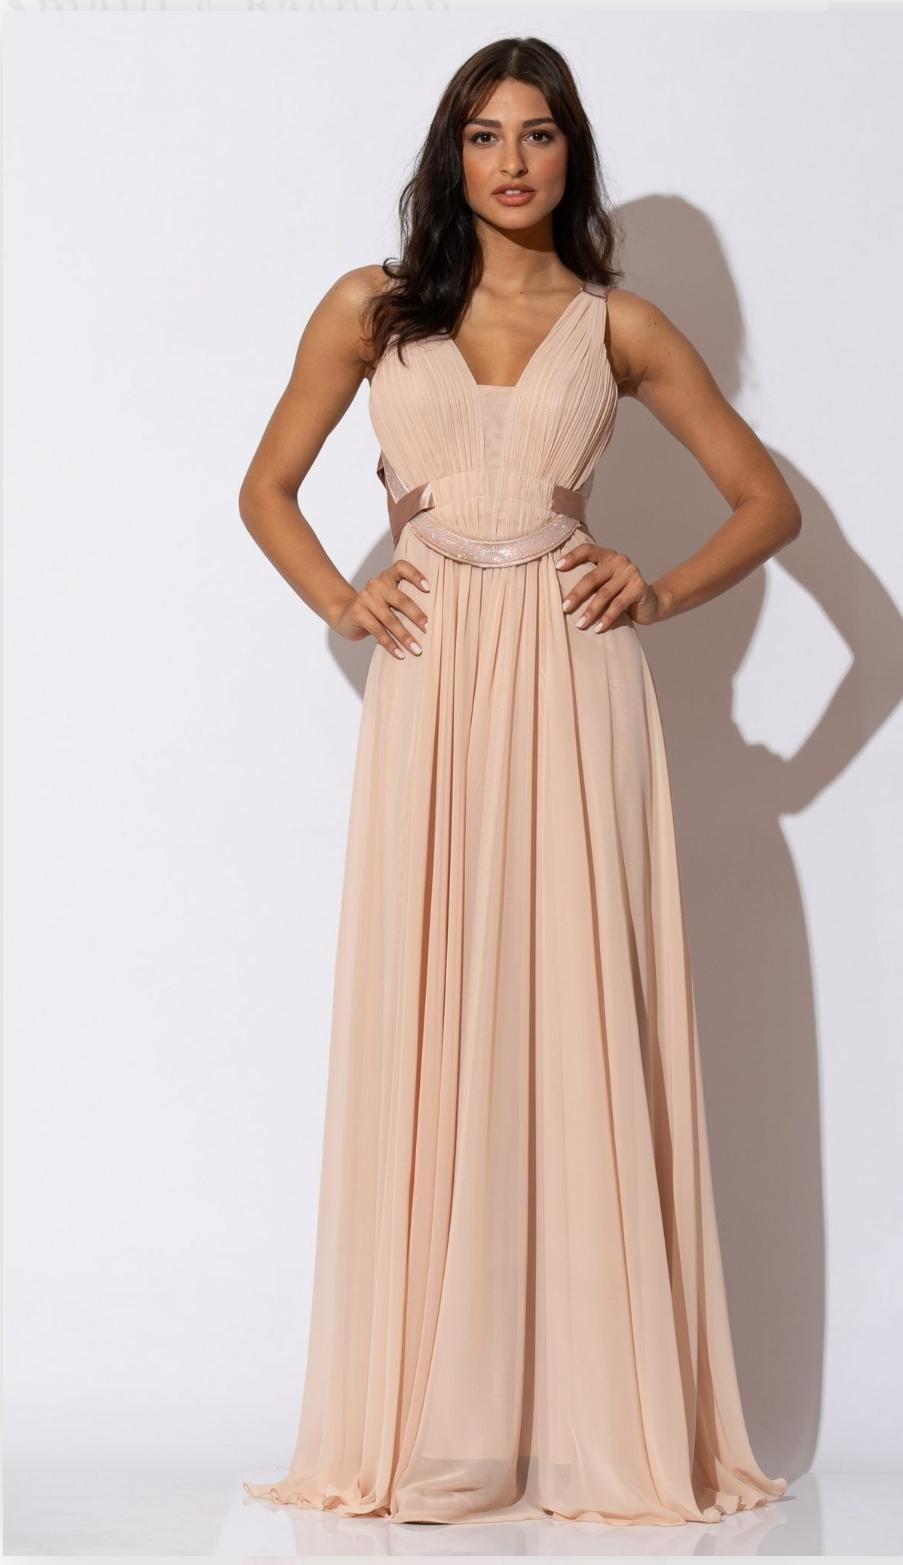 Μακρύ φόρεμα απο μουσελίνα - mavridou.com eb5d29bdc6d